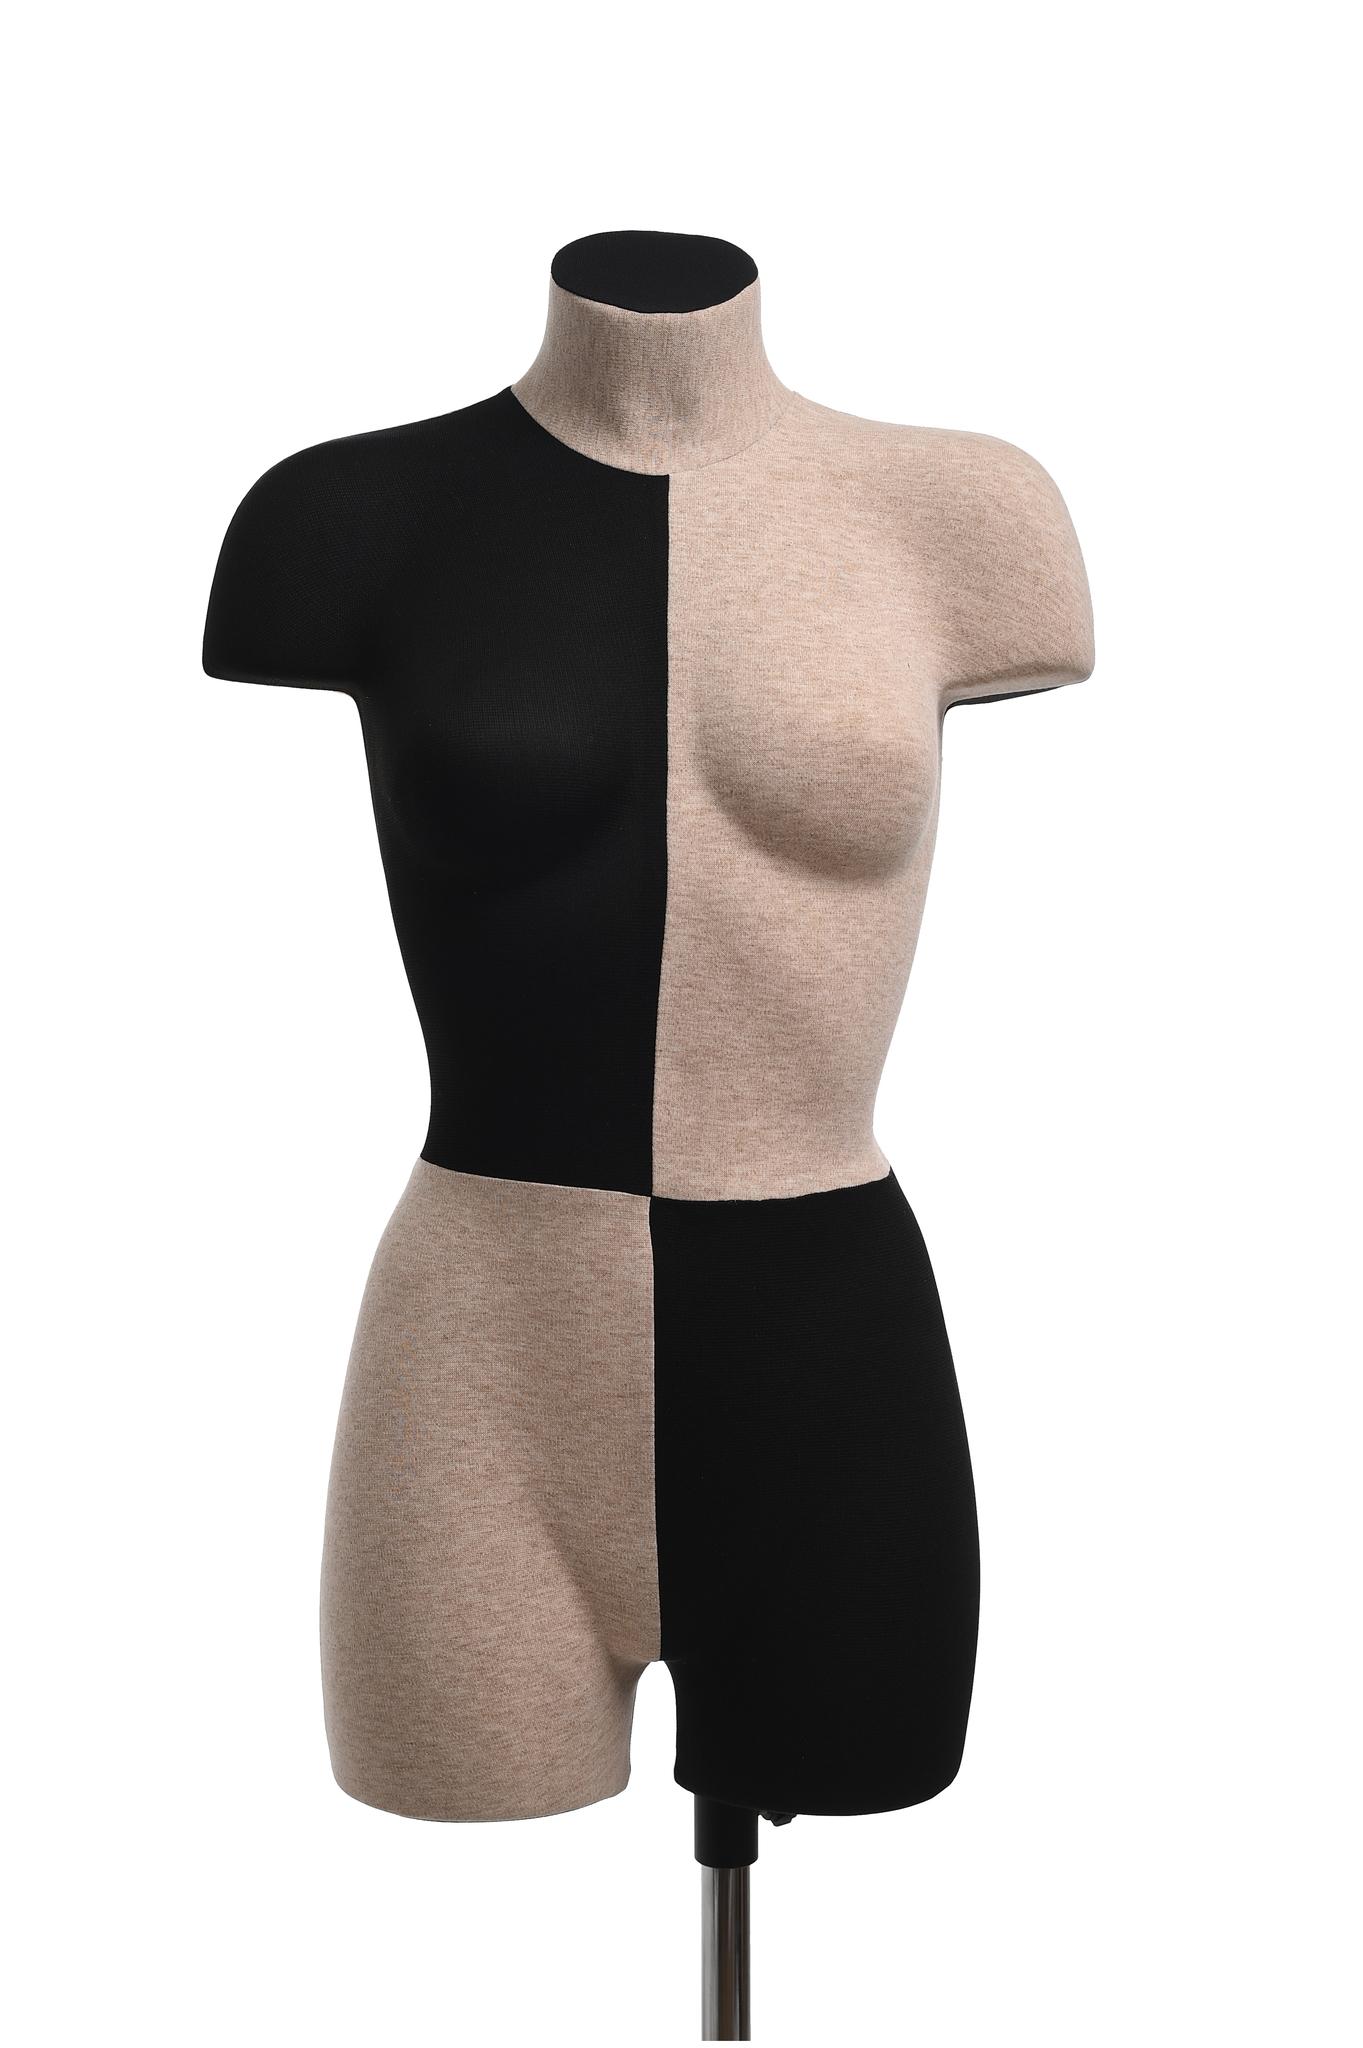 Демонстрационный женский манекен 42-44 размер (домино)